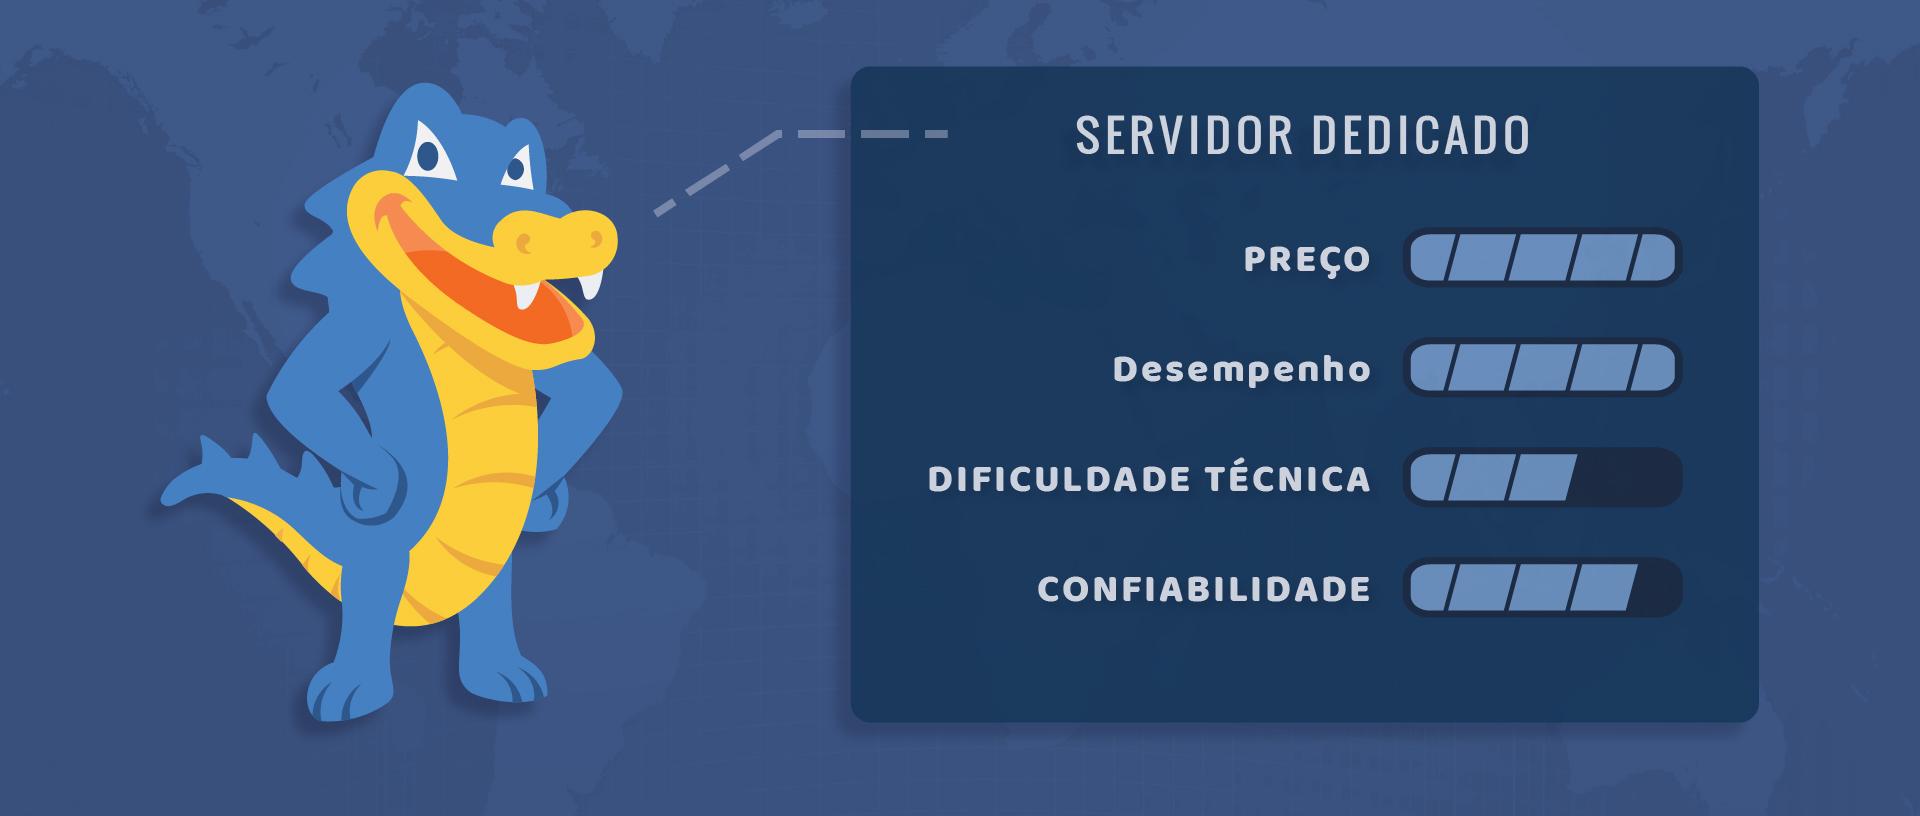 HostGator servidor dedicado Avaliação